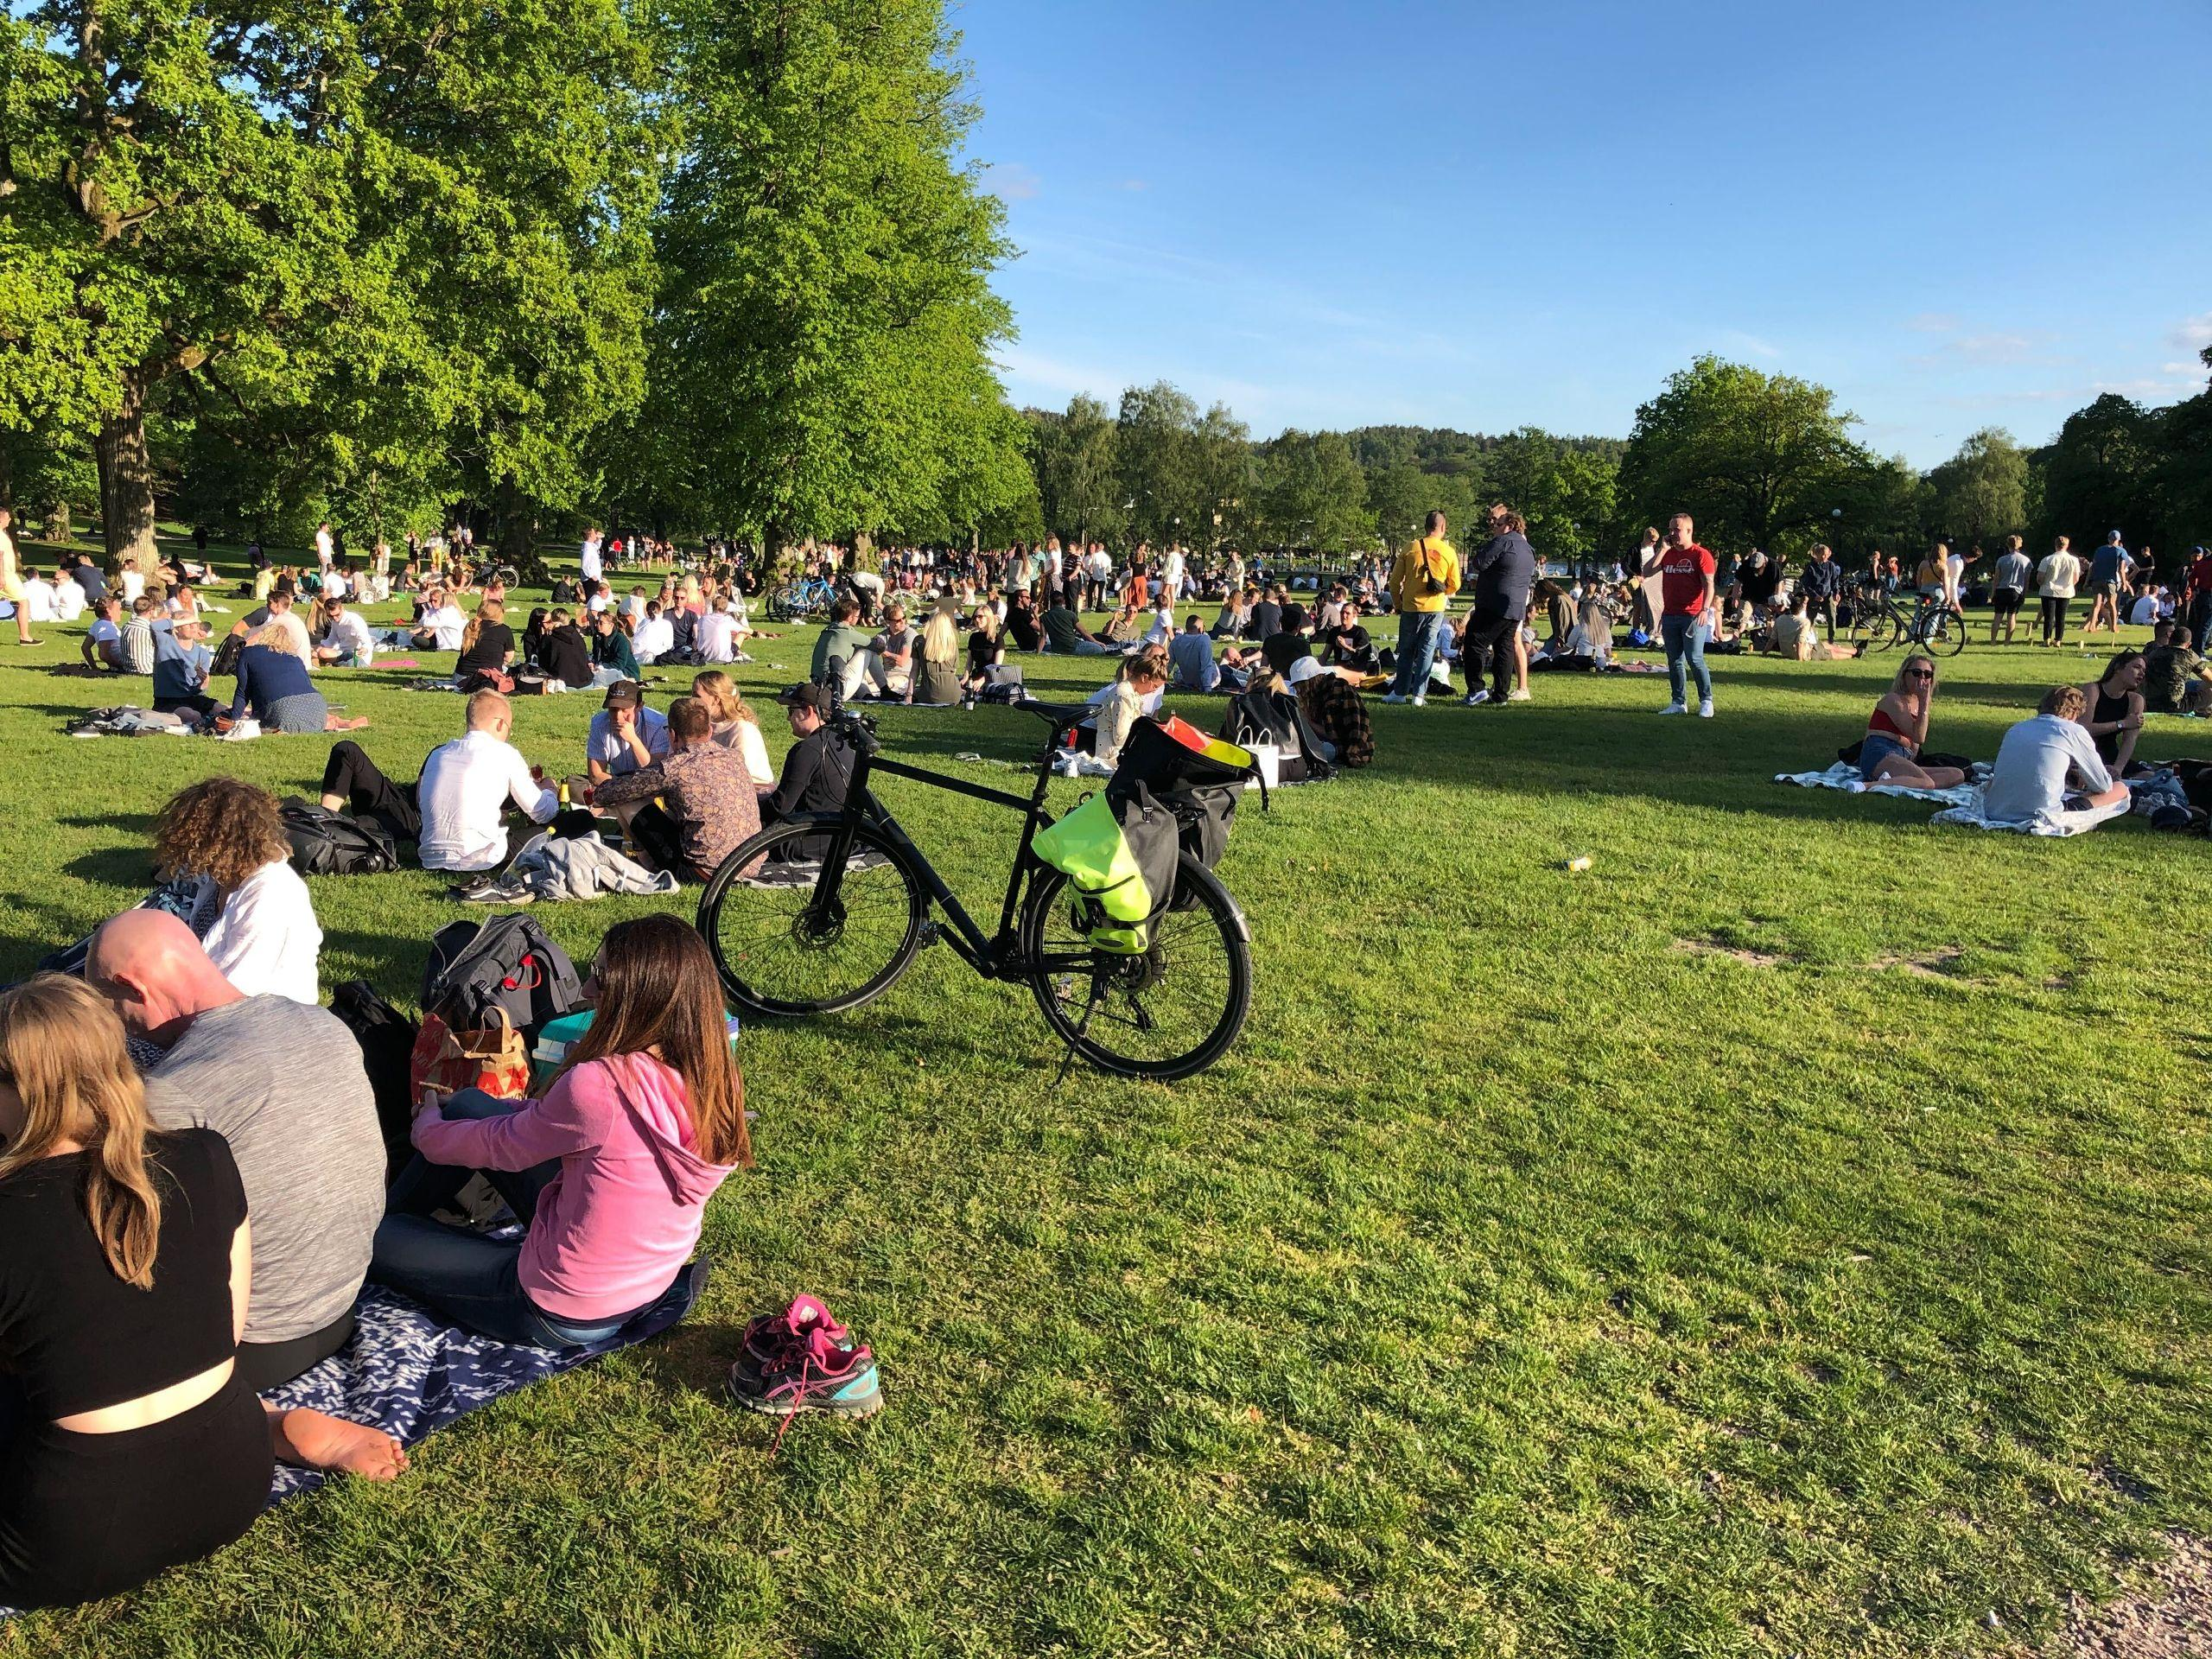 Göteborgare larmar om trängsel och stora skräphögar i Slottsskogen